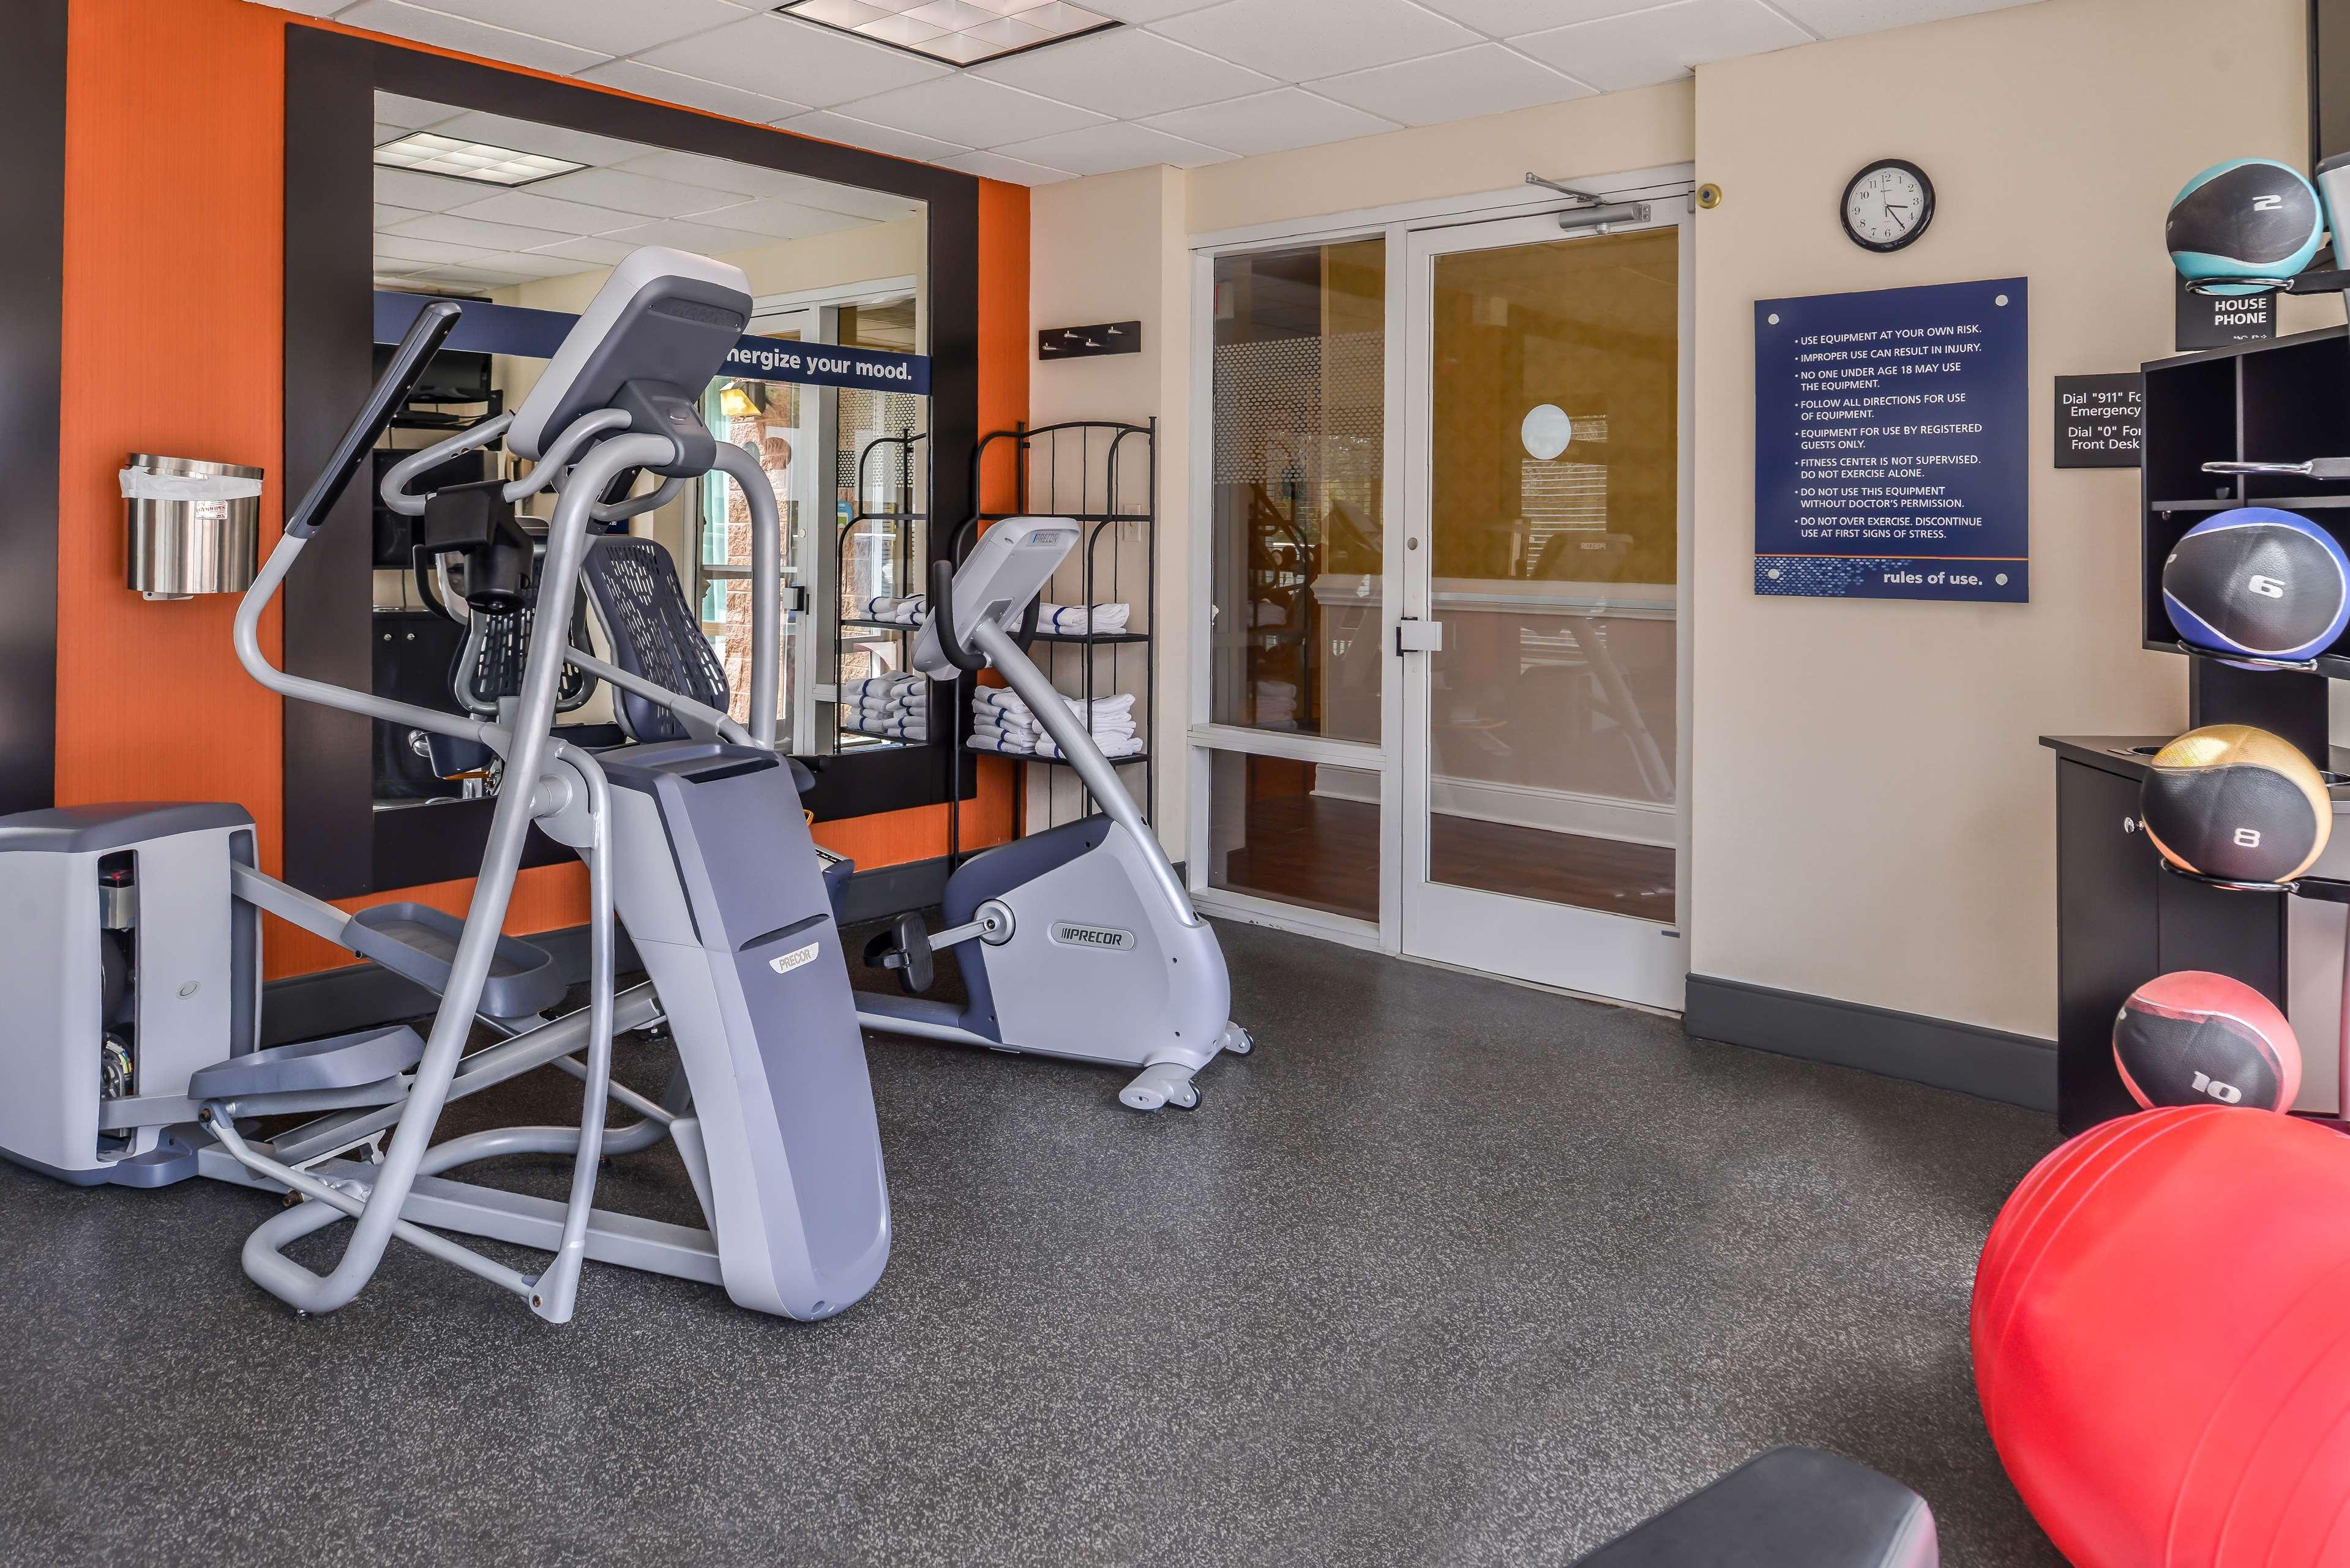 Hampton Inn & Suites Charlotte-Arrowood Rd. image 12